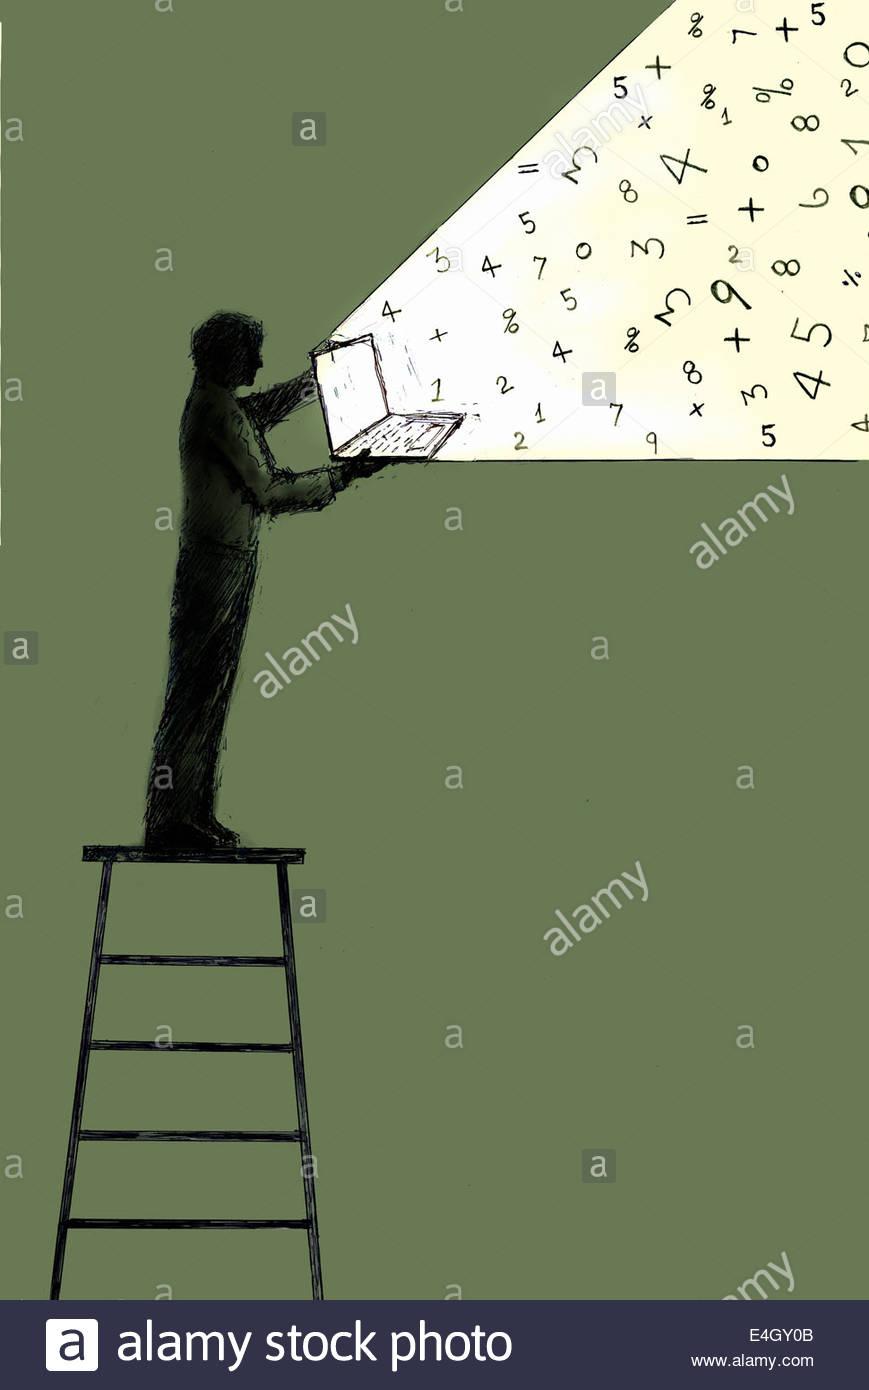 Secuencias de números de laptop abierta celebrada por el hombre de pie en la parte superior de la escalera Imagen De Stock